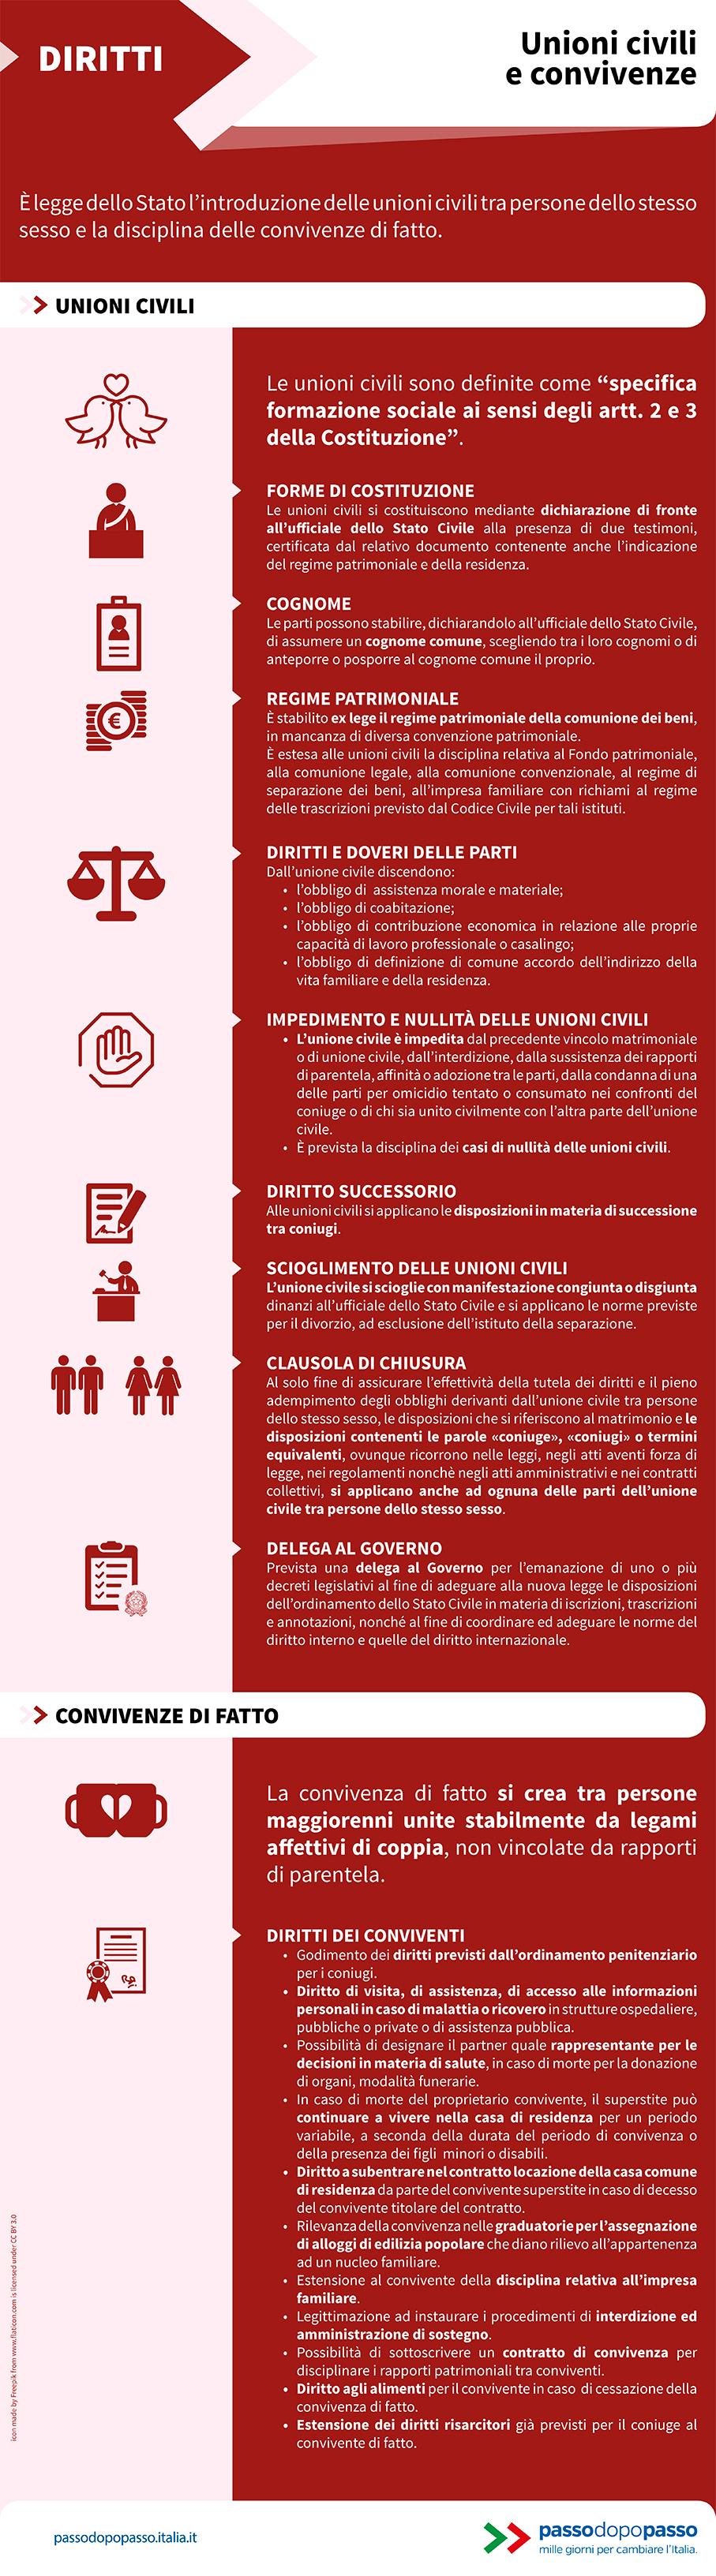 Infografica: Unioni civili e convivenze